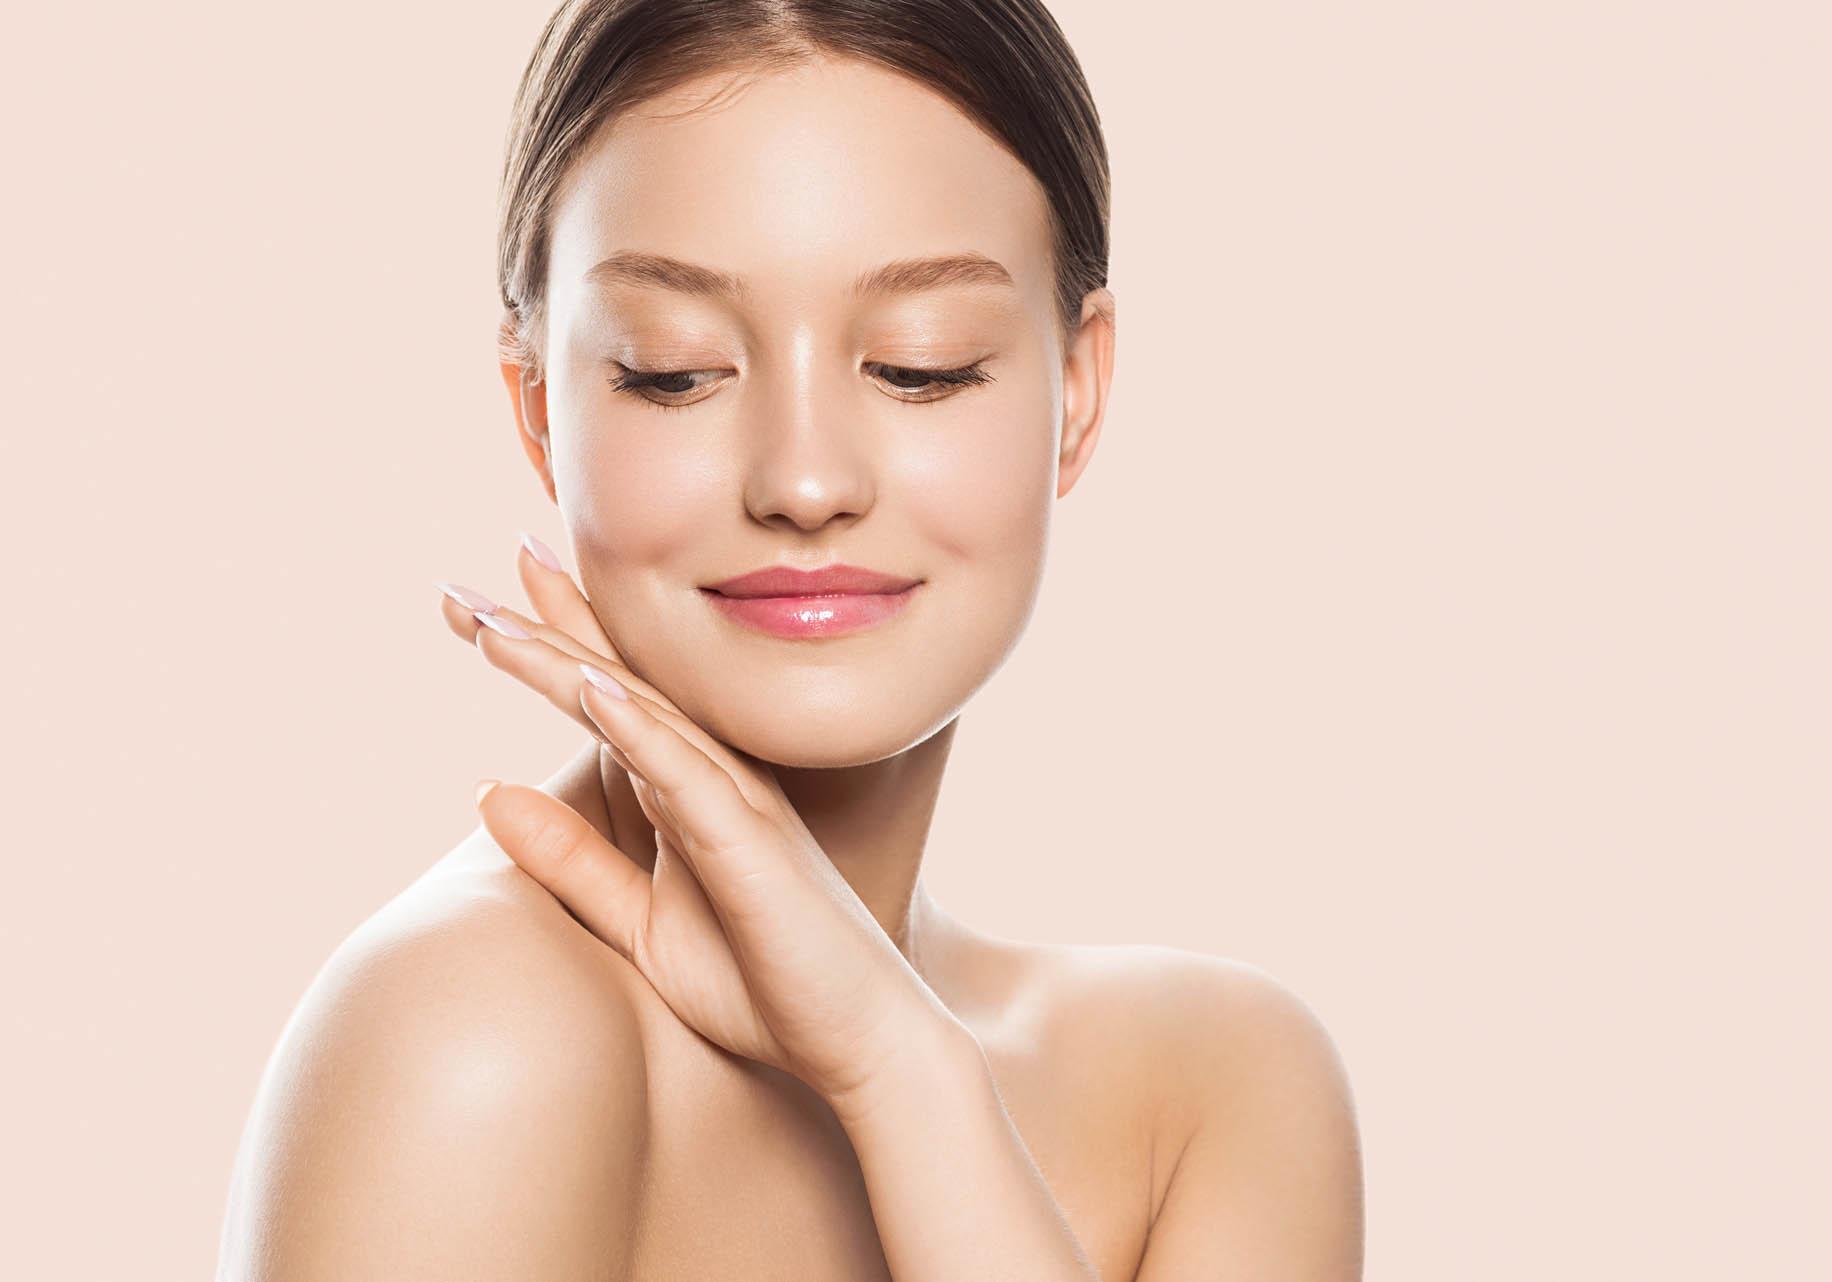 SHR Hautverjüngung - Hautverjüngung mit SHR